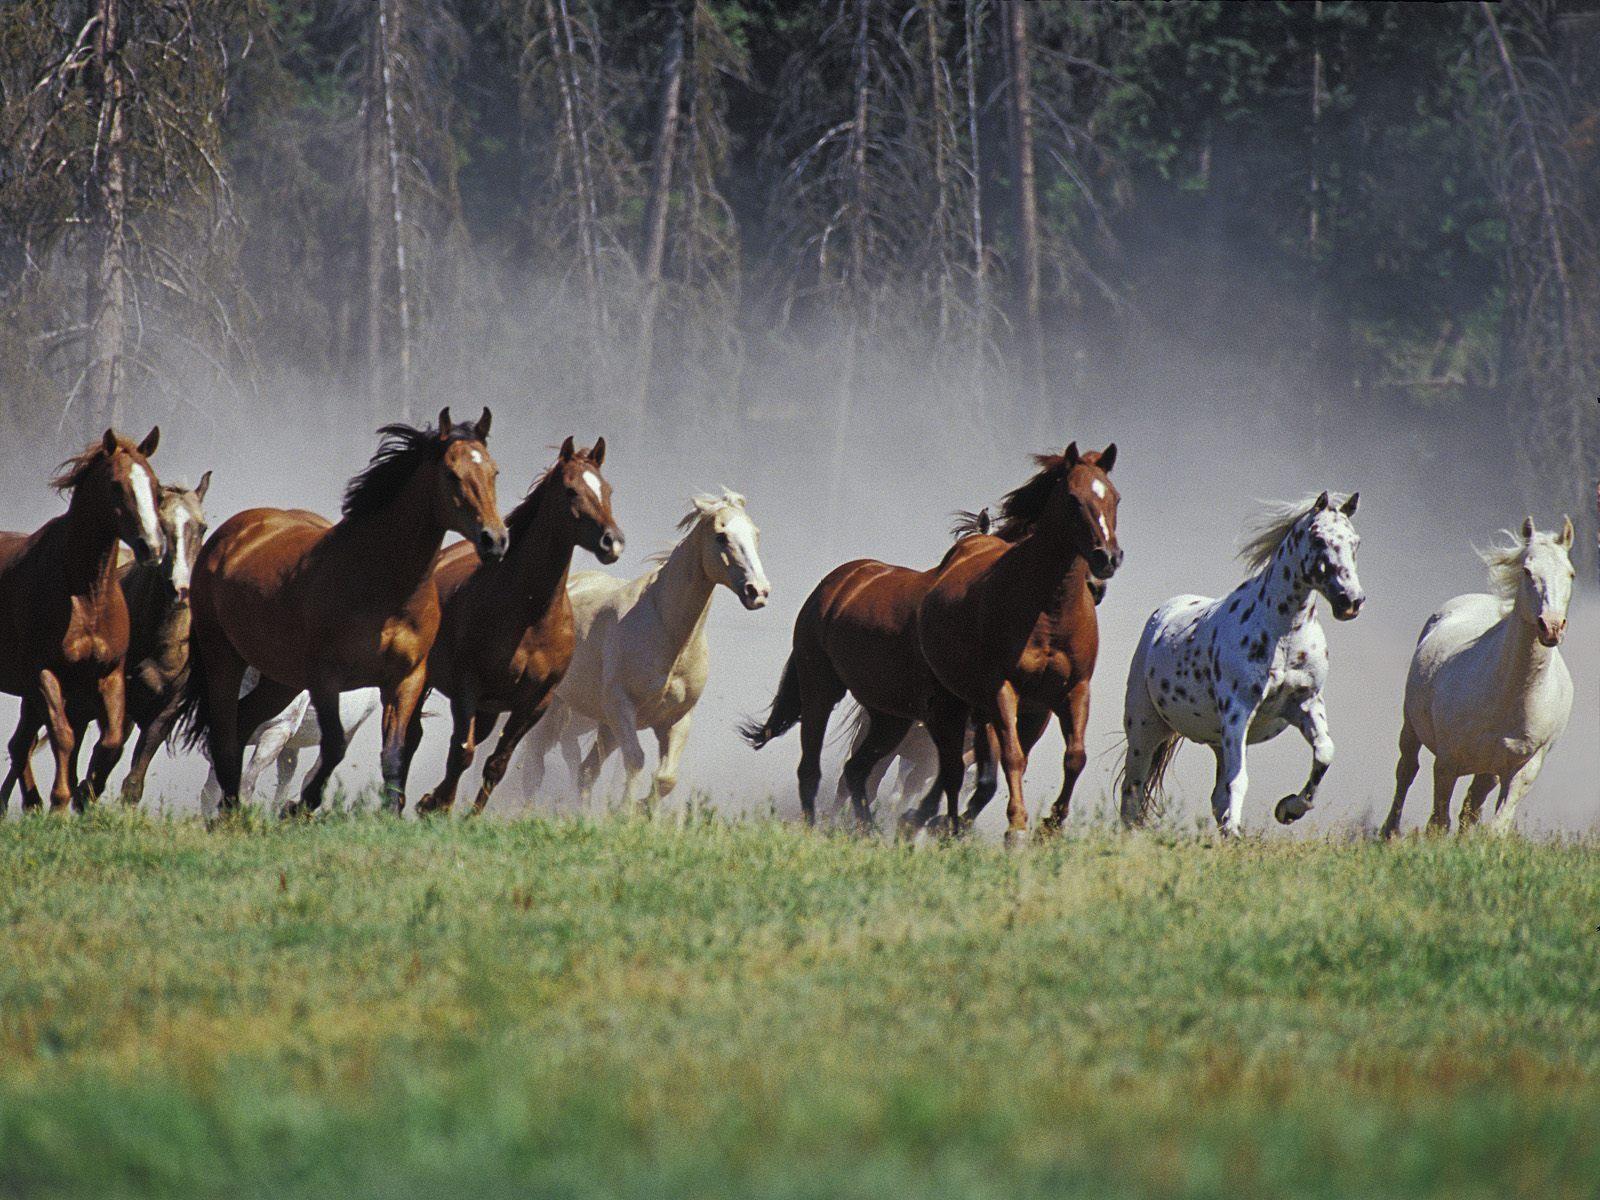 بالصور صور خيل , اجمل صور خيول 3740 8